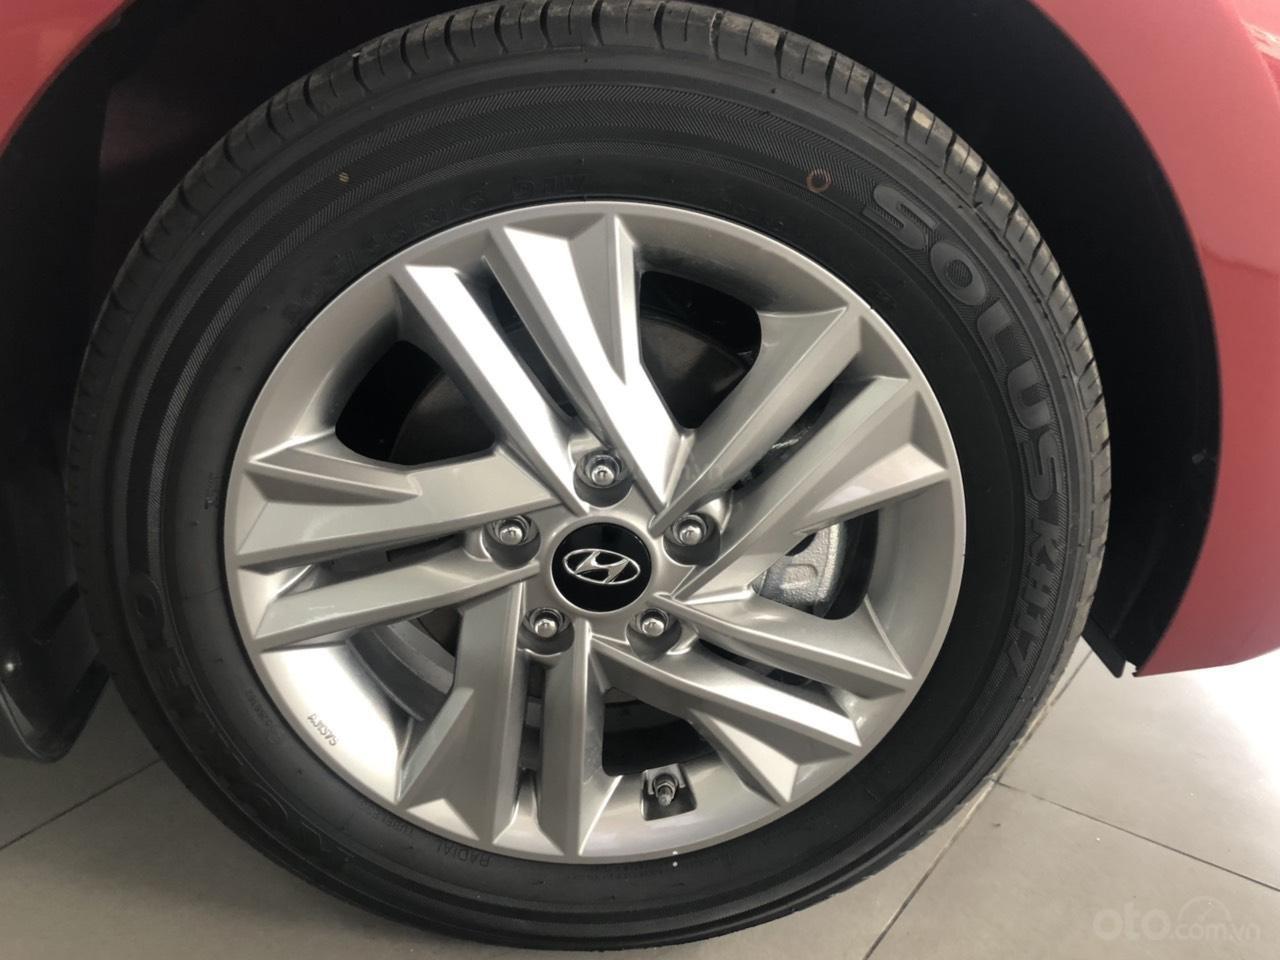 Hyundai Elentra 2019 - Giá tốt - Xe sẵn - Bank bao đậu-13